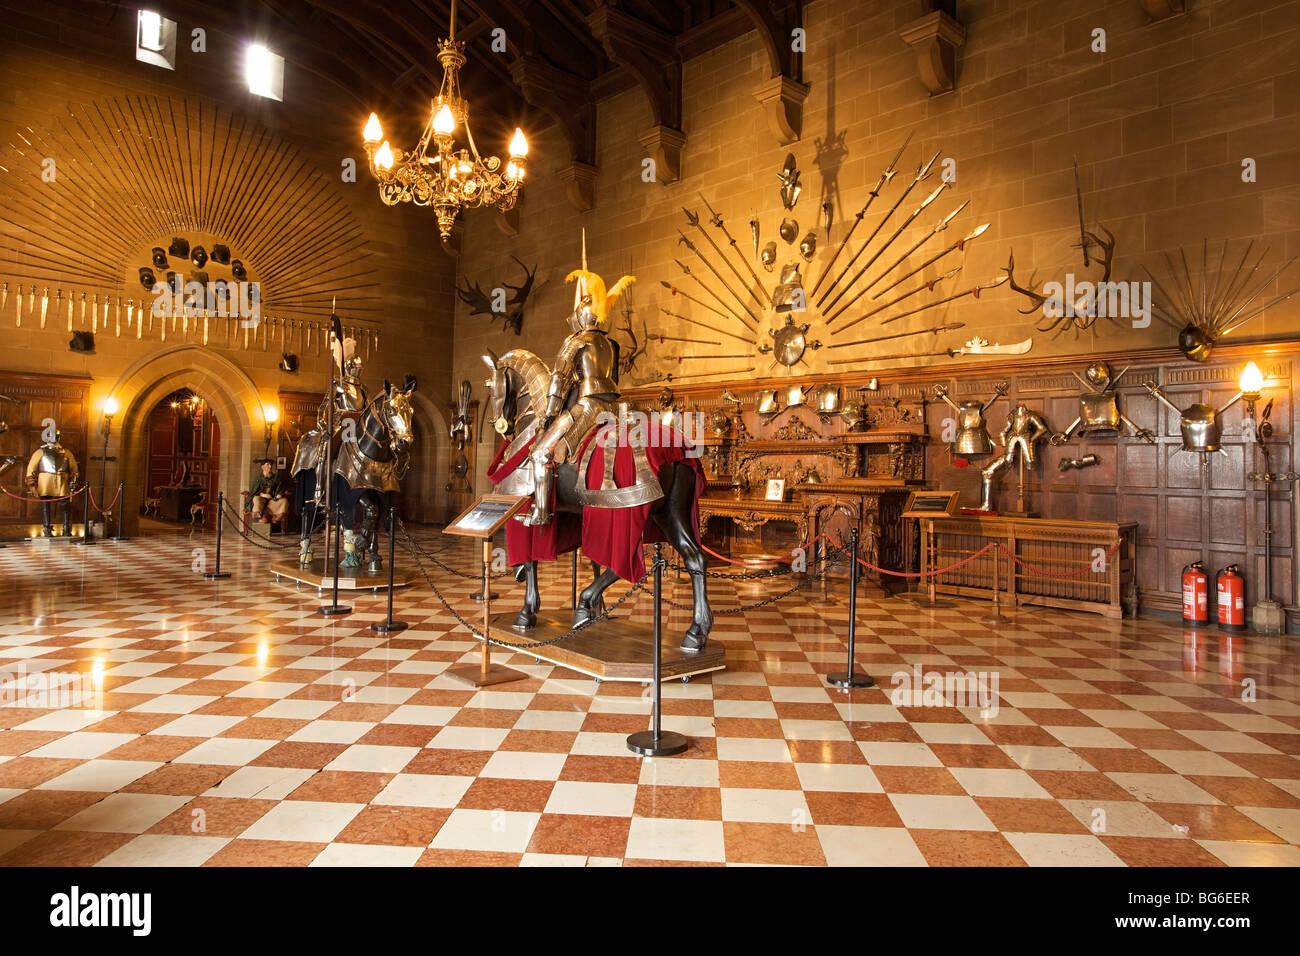 Warwick castle online shop